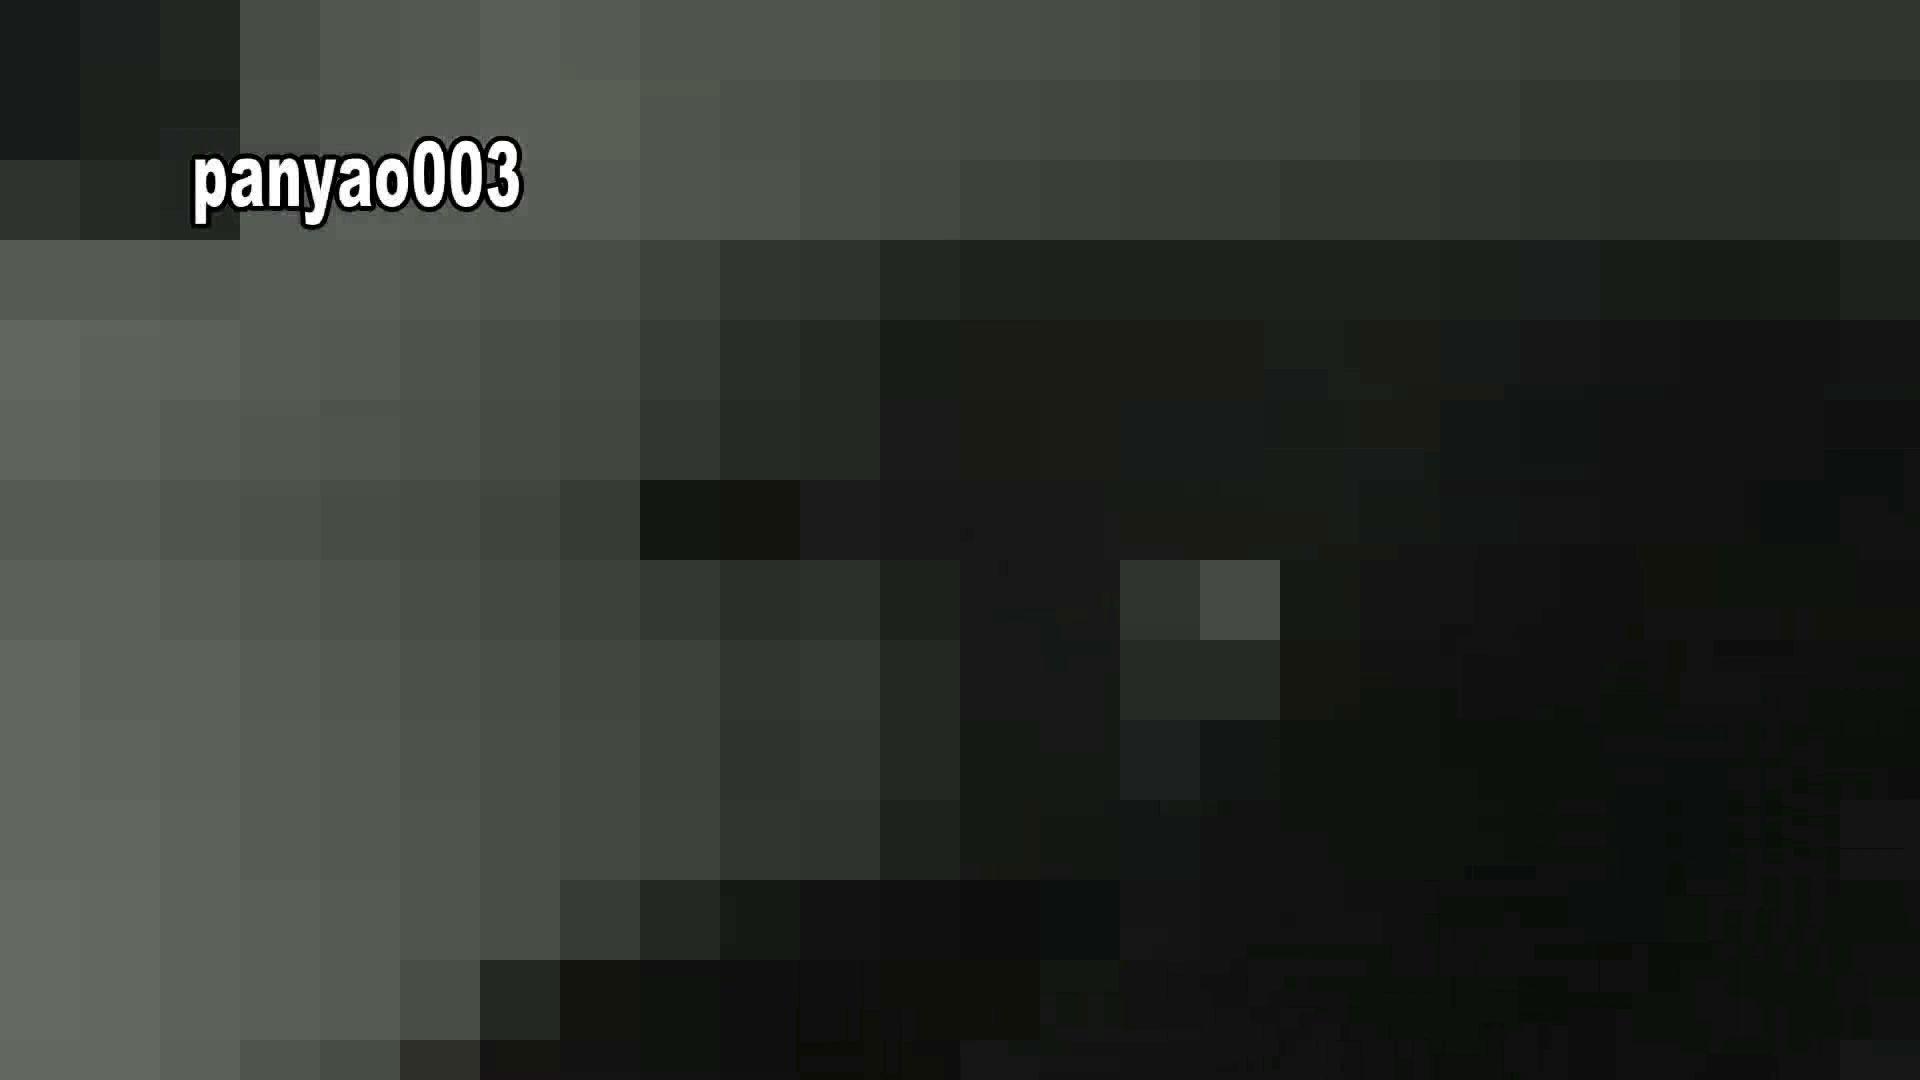 日本成人用品展览会。vol.03 ミリミリミリィ 潜入突撃 | 着替え  79pic 1